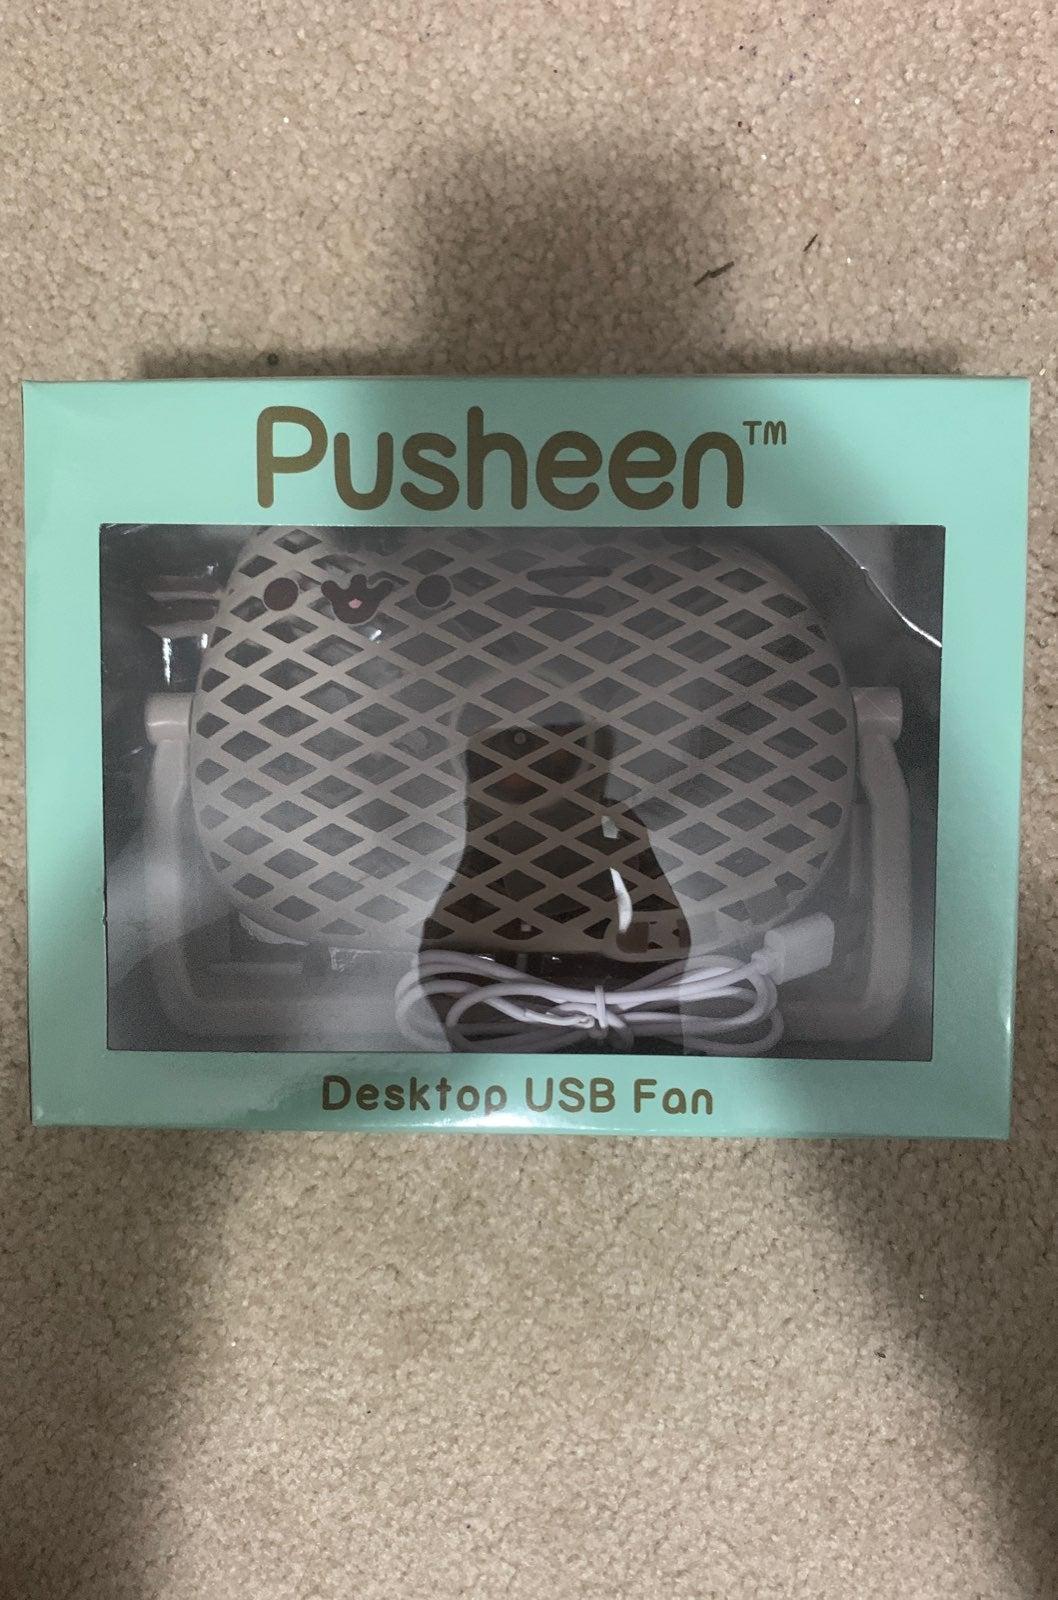 Pusheen desktop USB fan